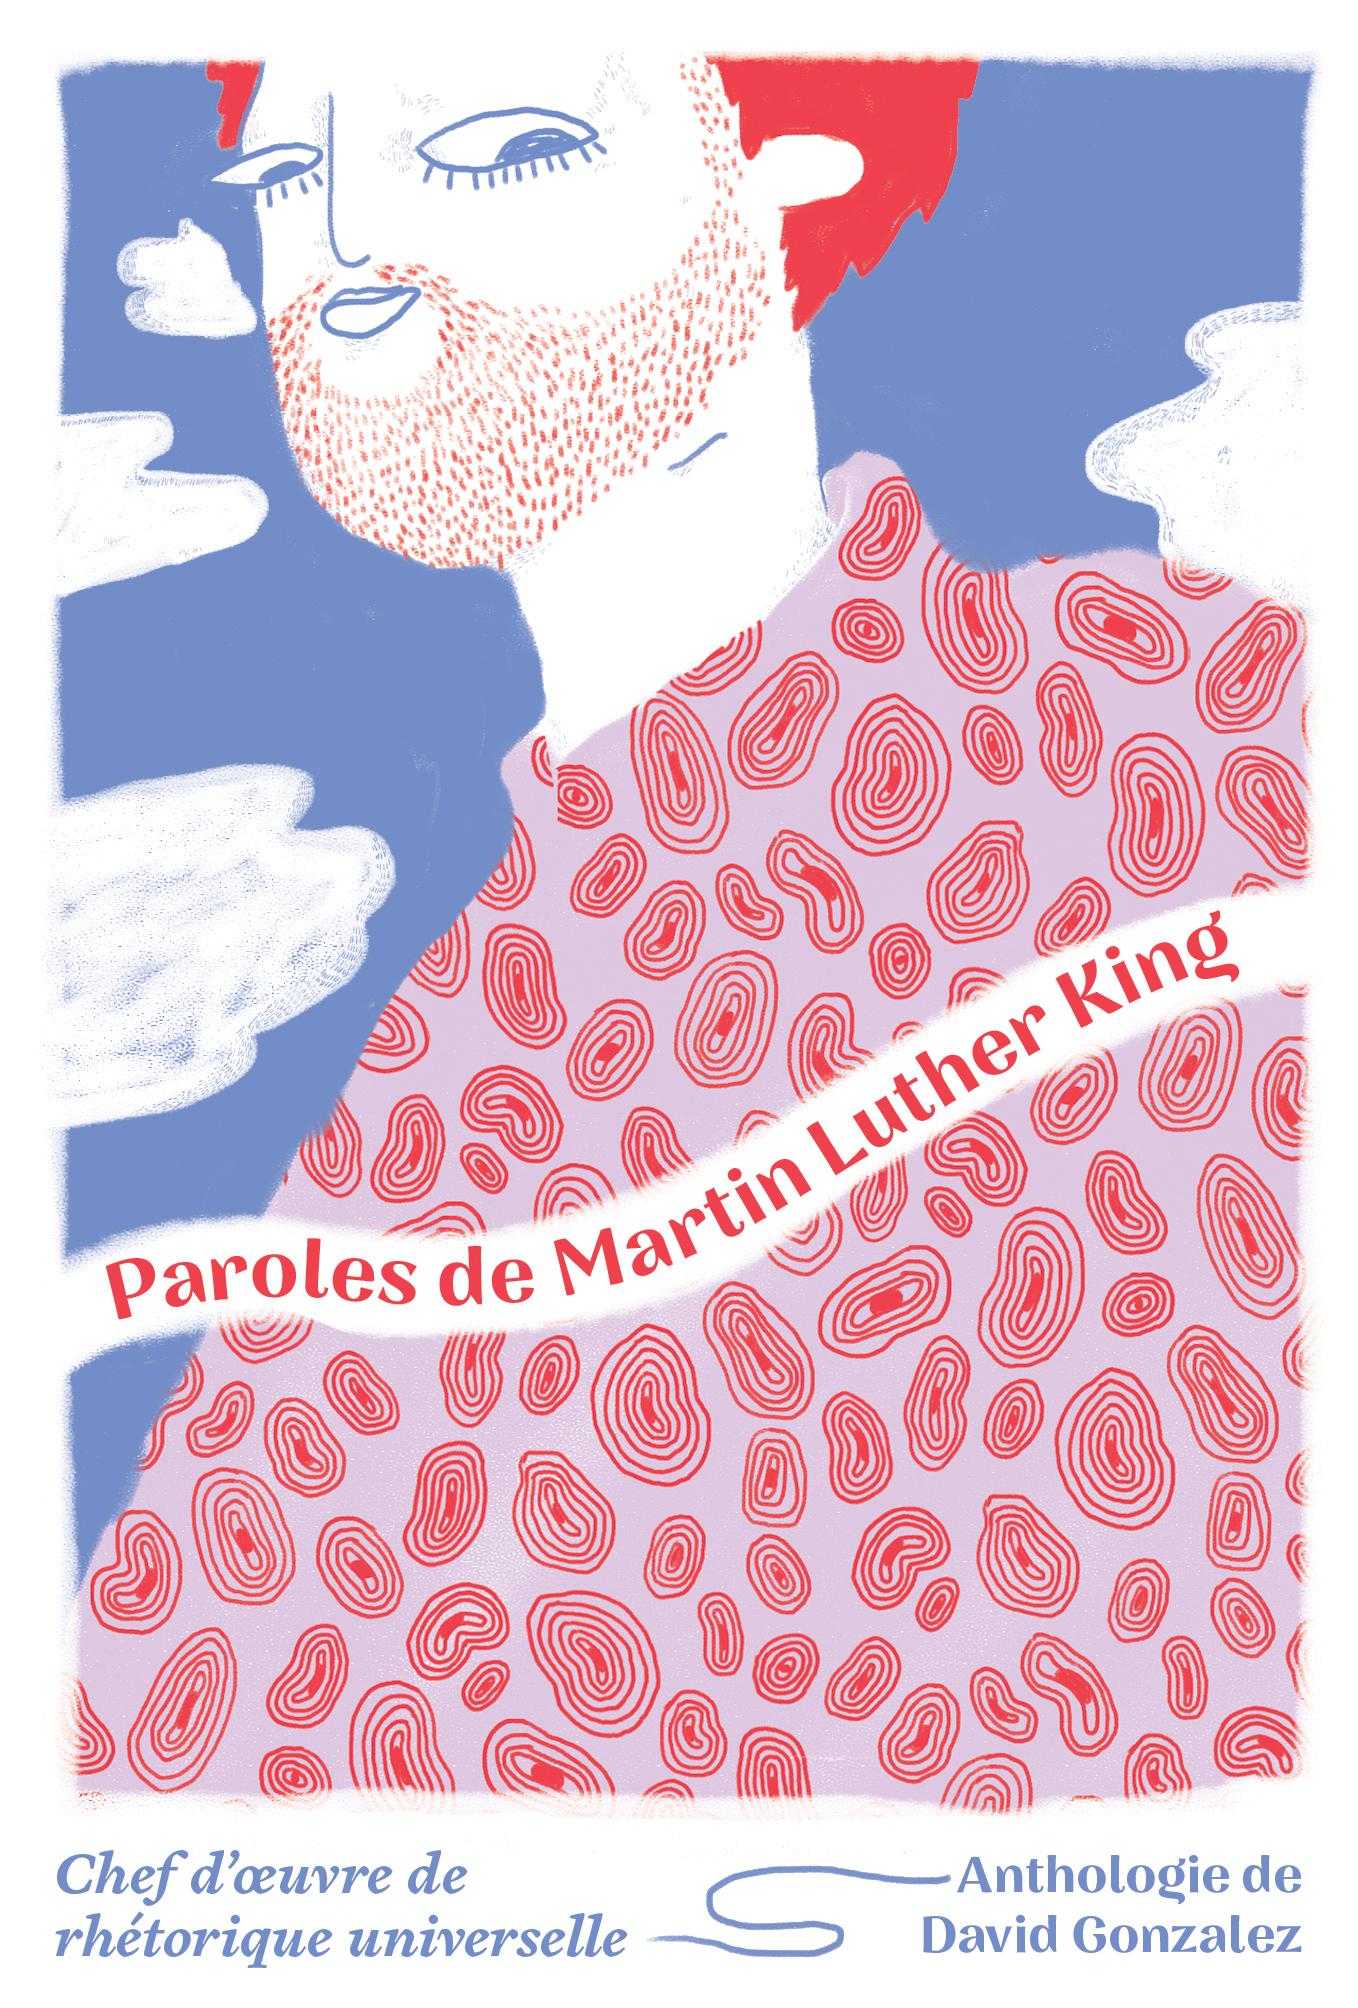 Paroles de Martin Luther King